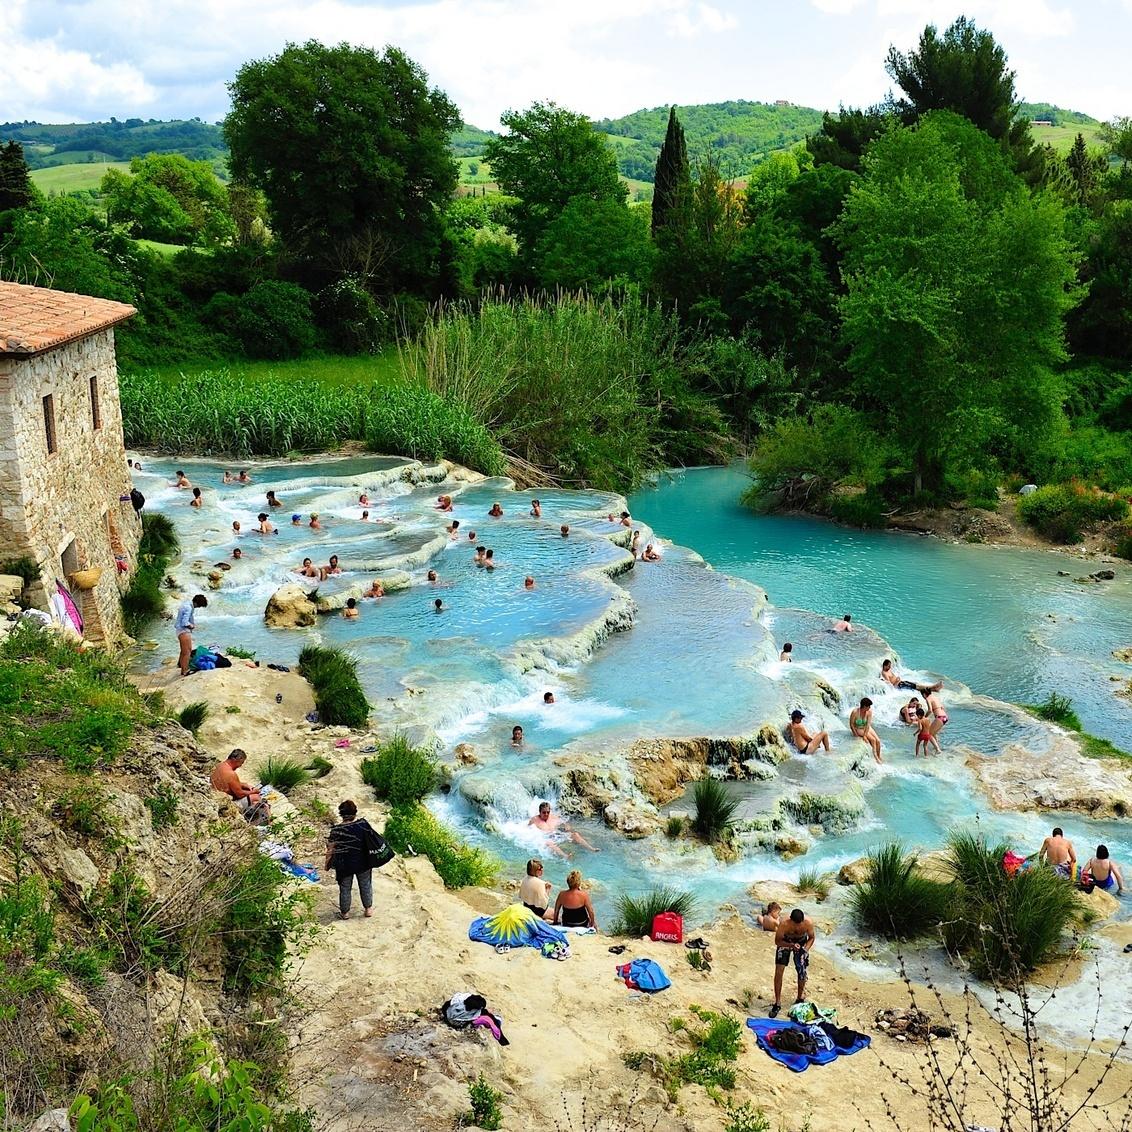 Verkoeling in Toscane - Toscane staat bekend als een regio waar de temperaturen in de zomer behoorlijk op kunnen lopen. In dit prachtige heuvellandschap kan je zomaar op een - foto door Reinier63 op 21-02-2014 - deze foto bevat: natuur, reizen, zwemmen, ontspanning, toscane, italie, baden, reisfotografie, verkoeling, zwavel, theme